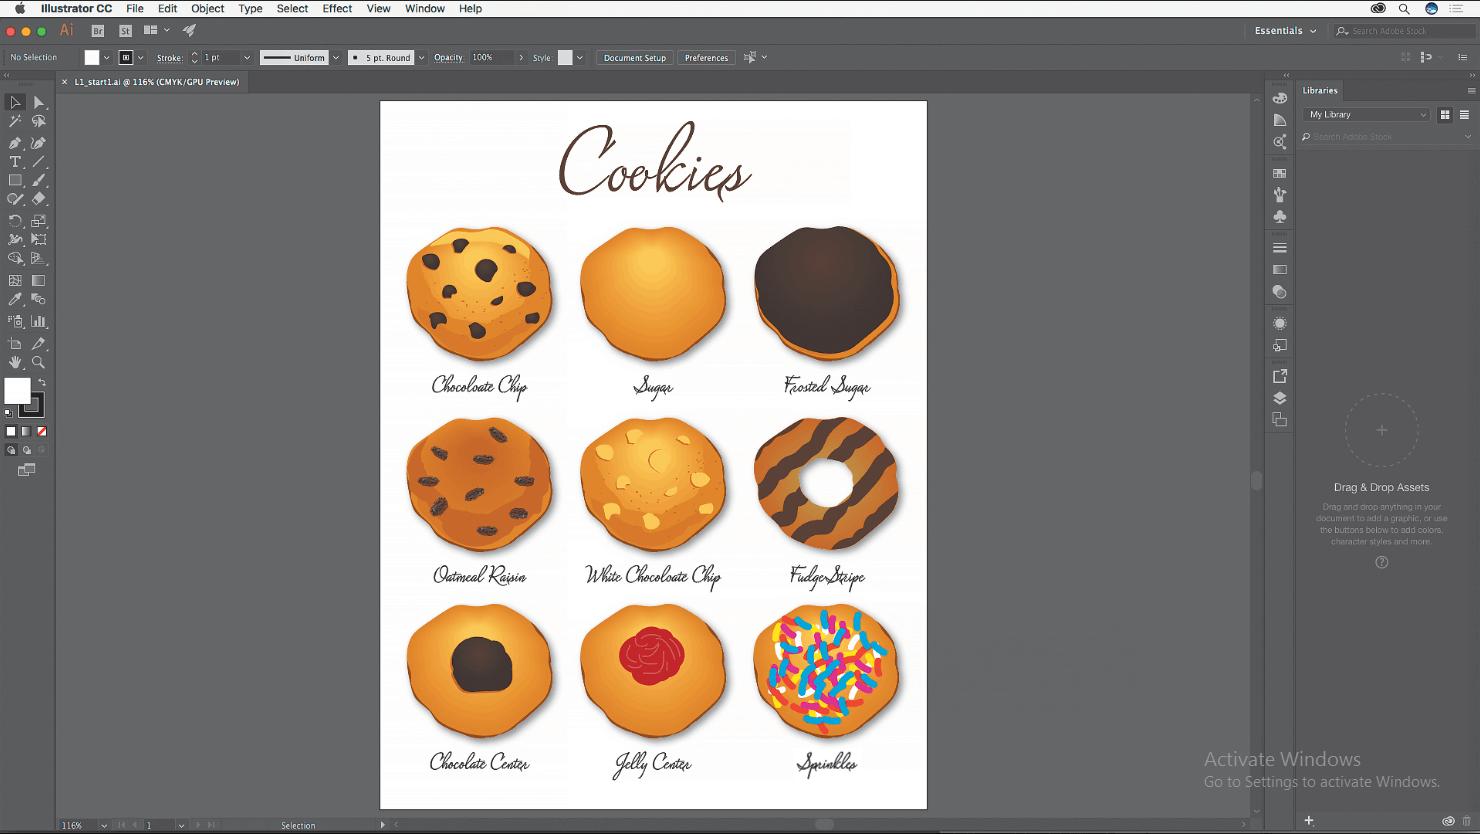 Crack 2019 reddit Adobe cc illustrator Adobe Animate